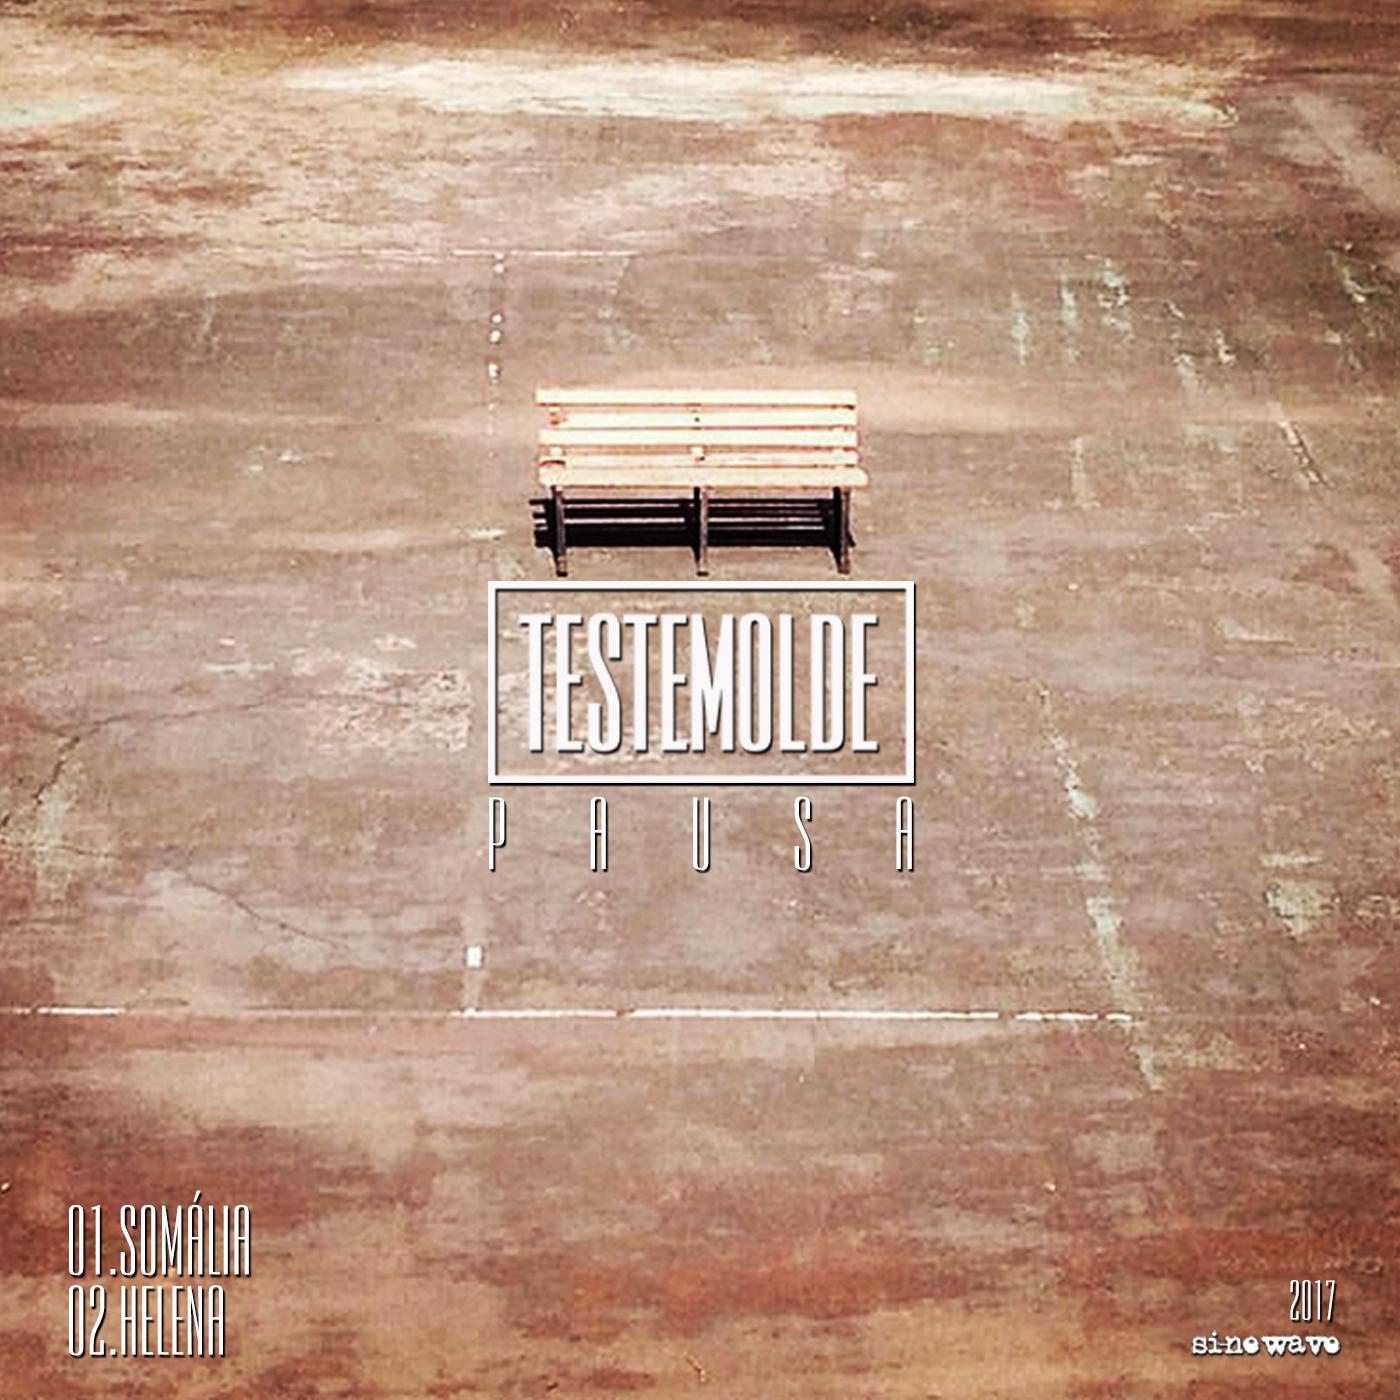 TESTEMOLDE – Pausa (2017)